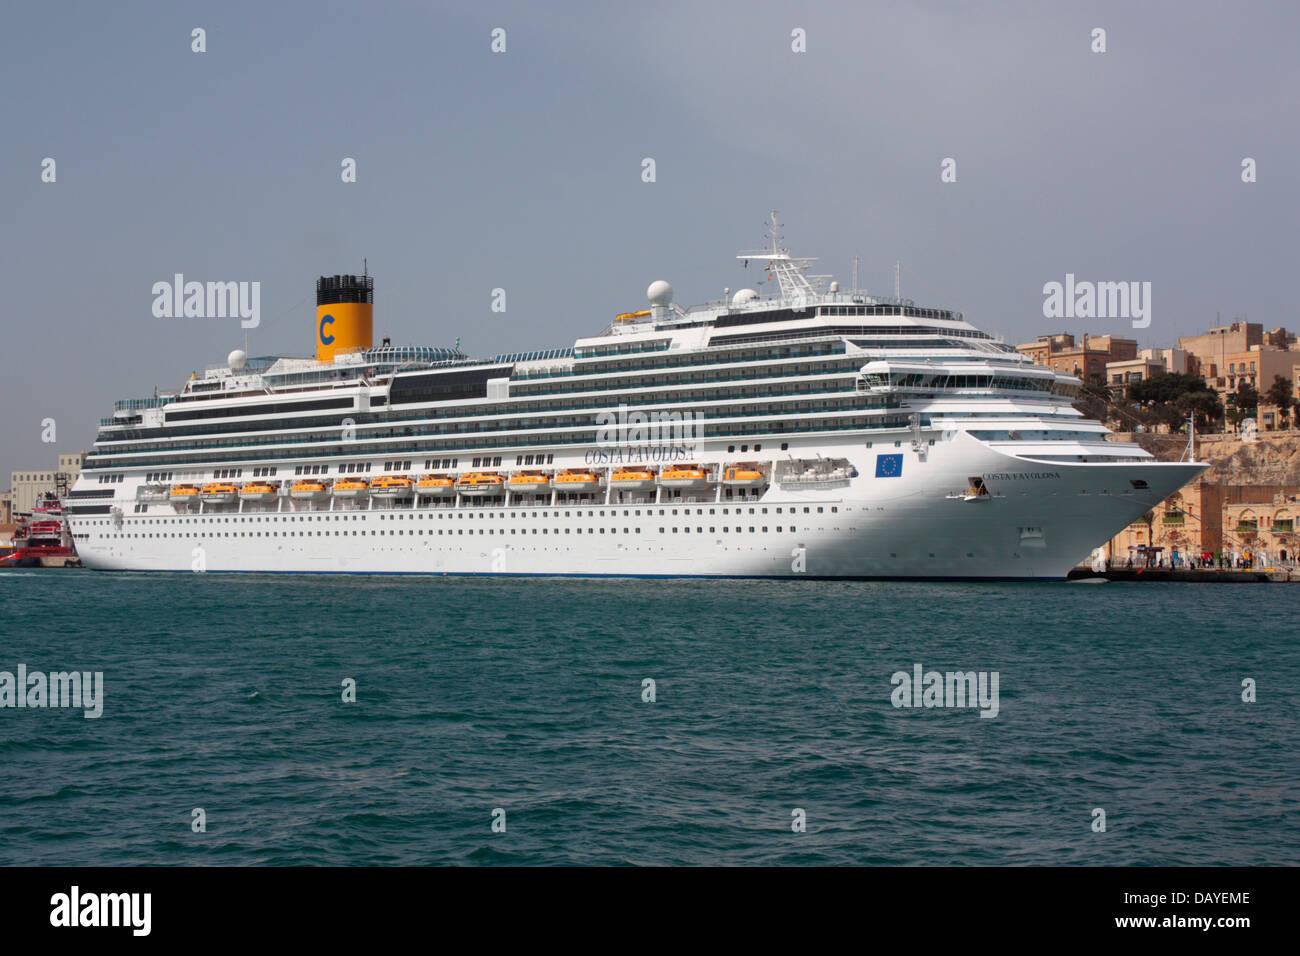 The cruise liner Costa Favolosa in Malta - Stock Image